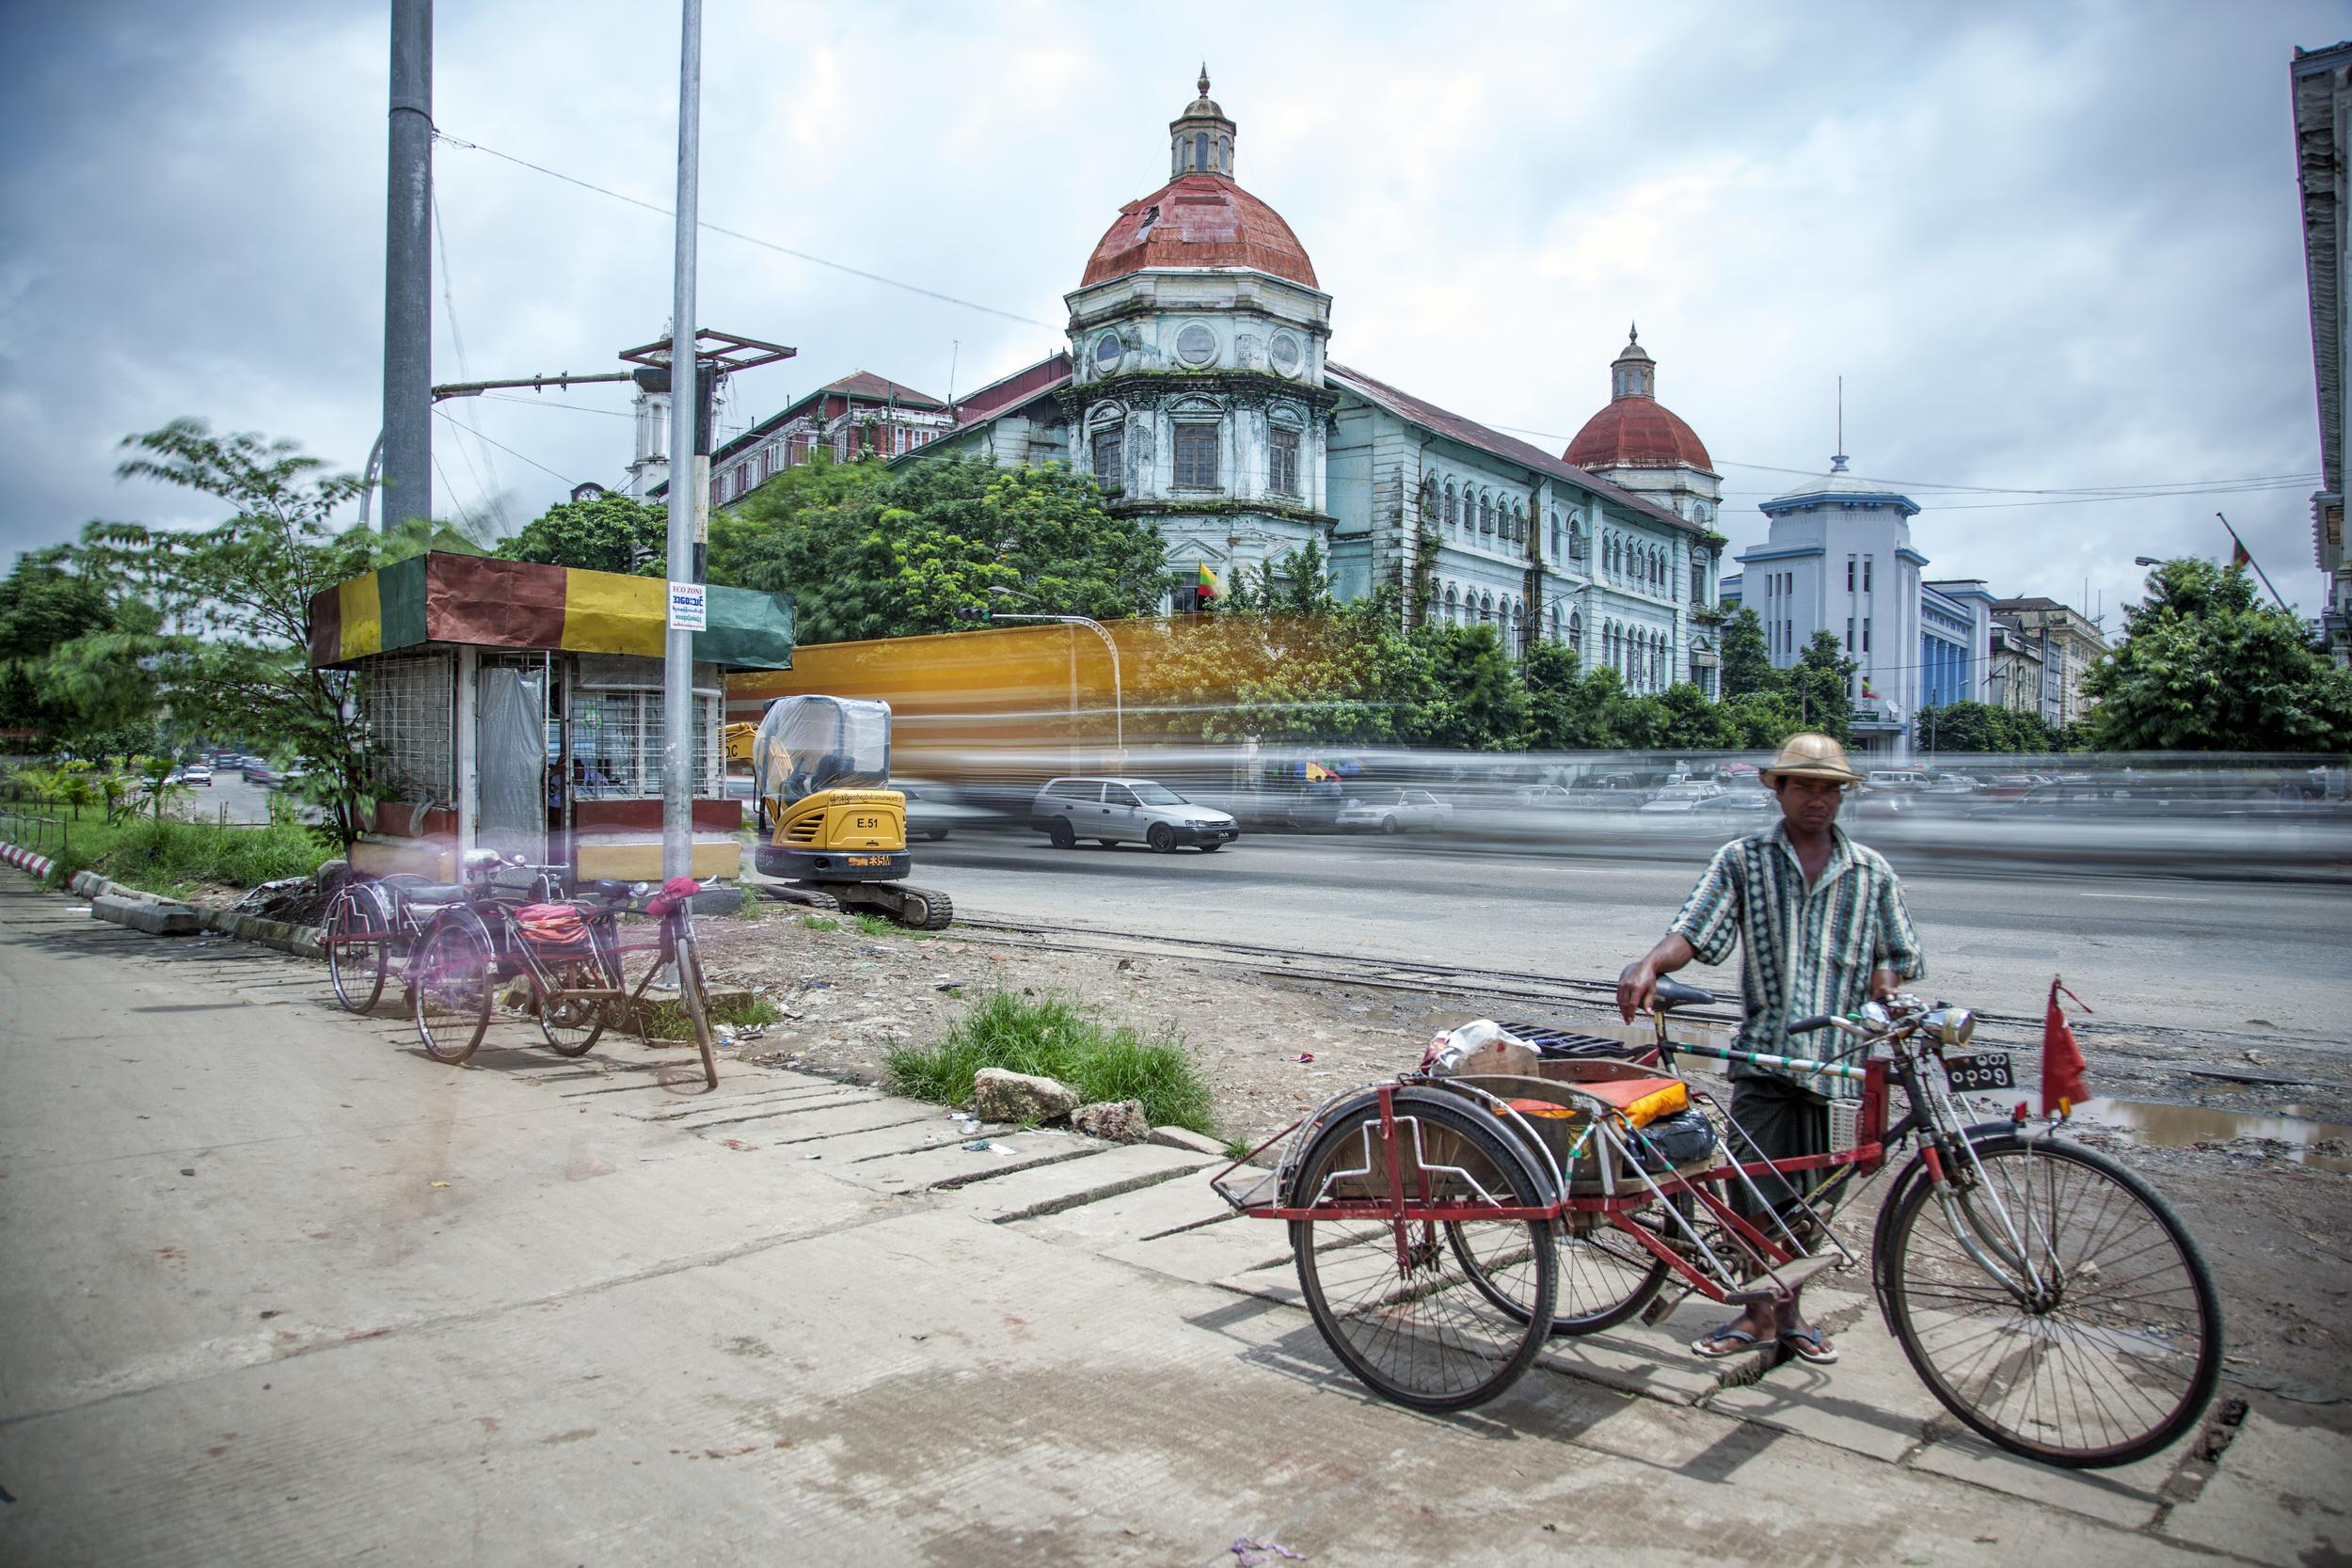 Bike_man_port_best.jpg